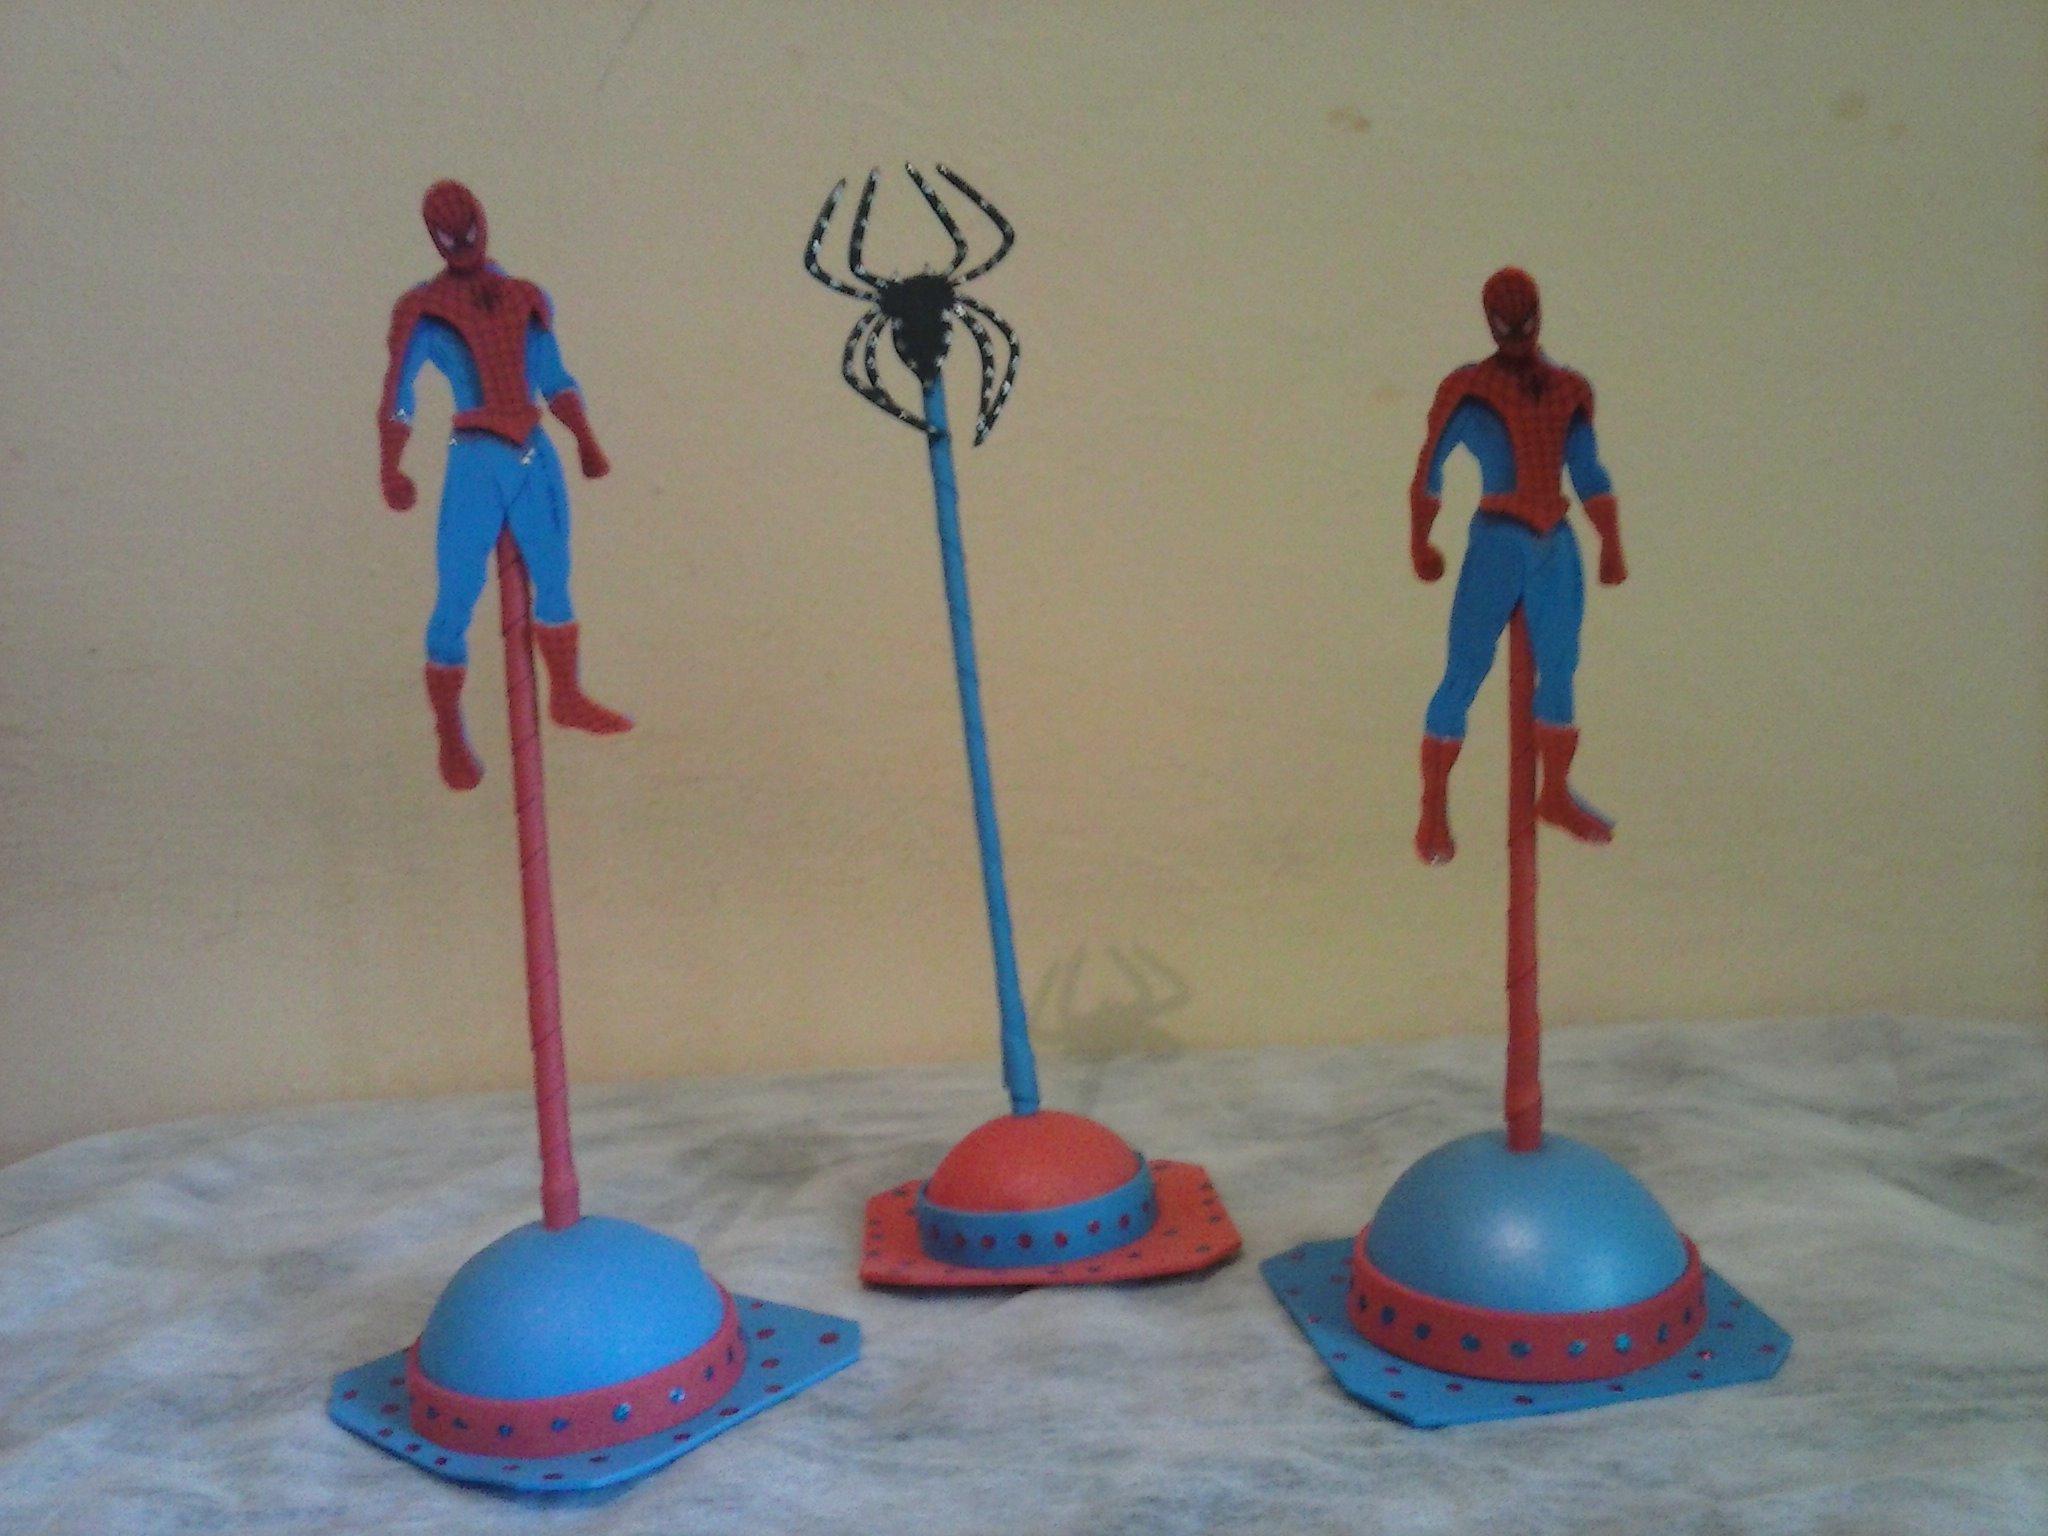 Enfeite de Mesa Homem Aranha CRIS CAMPOS ARTE EM EVA Elo7 -> Enfeites De Mesa Do Homem Aranha